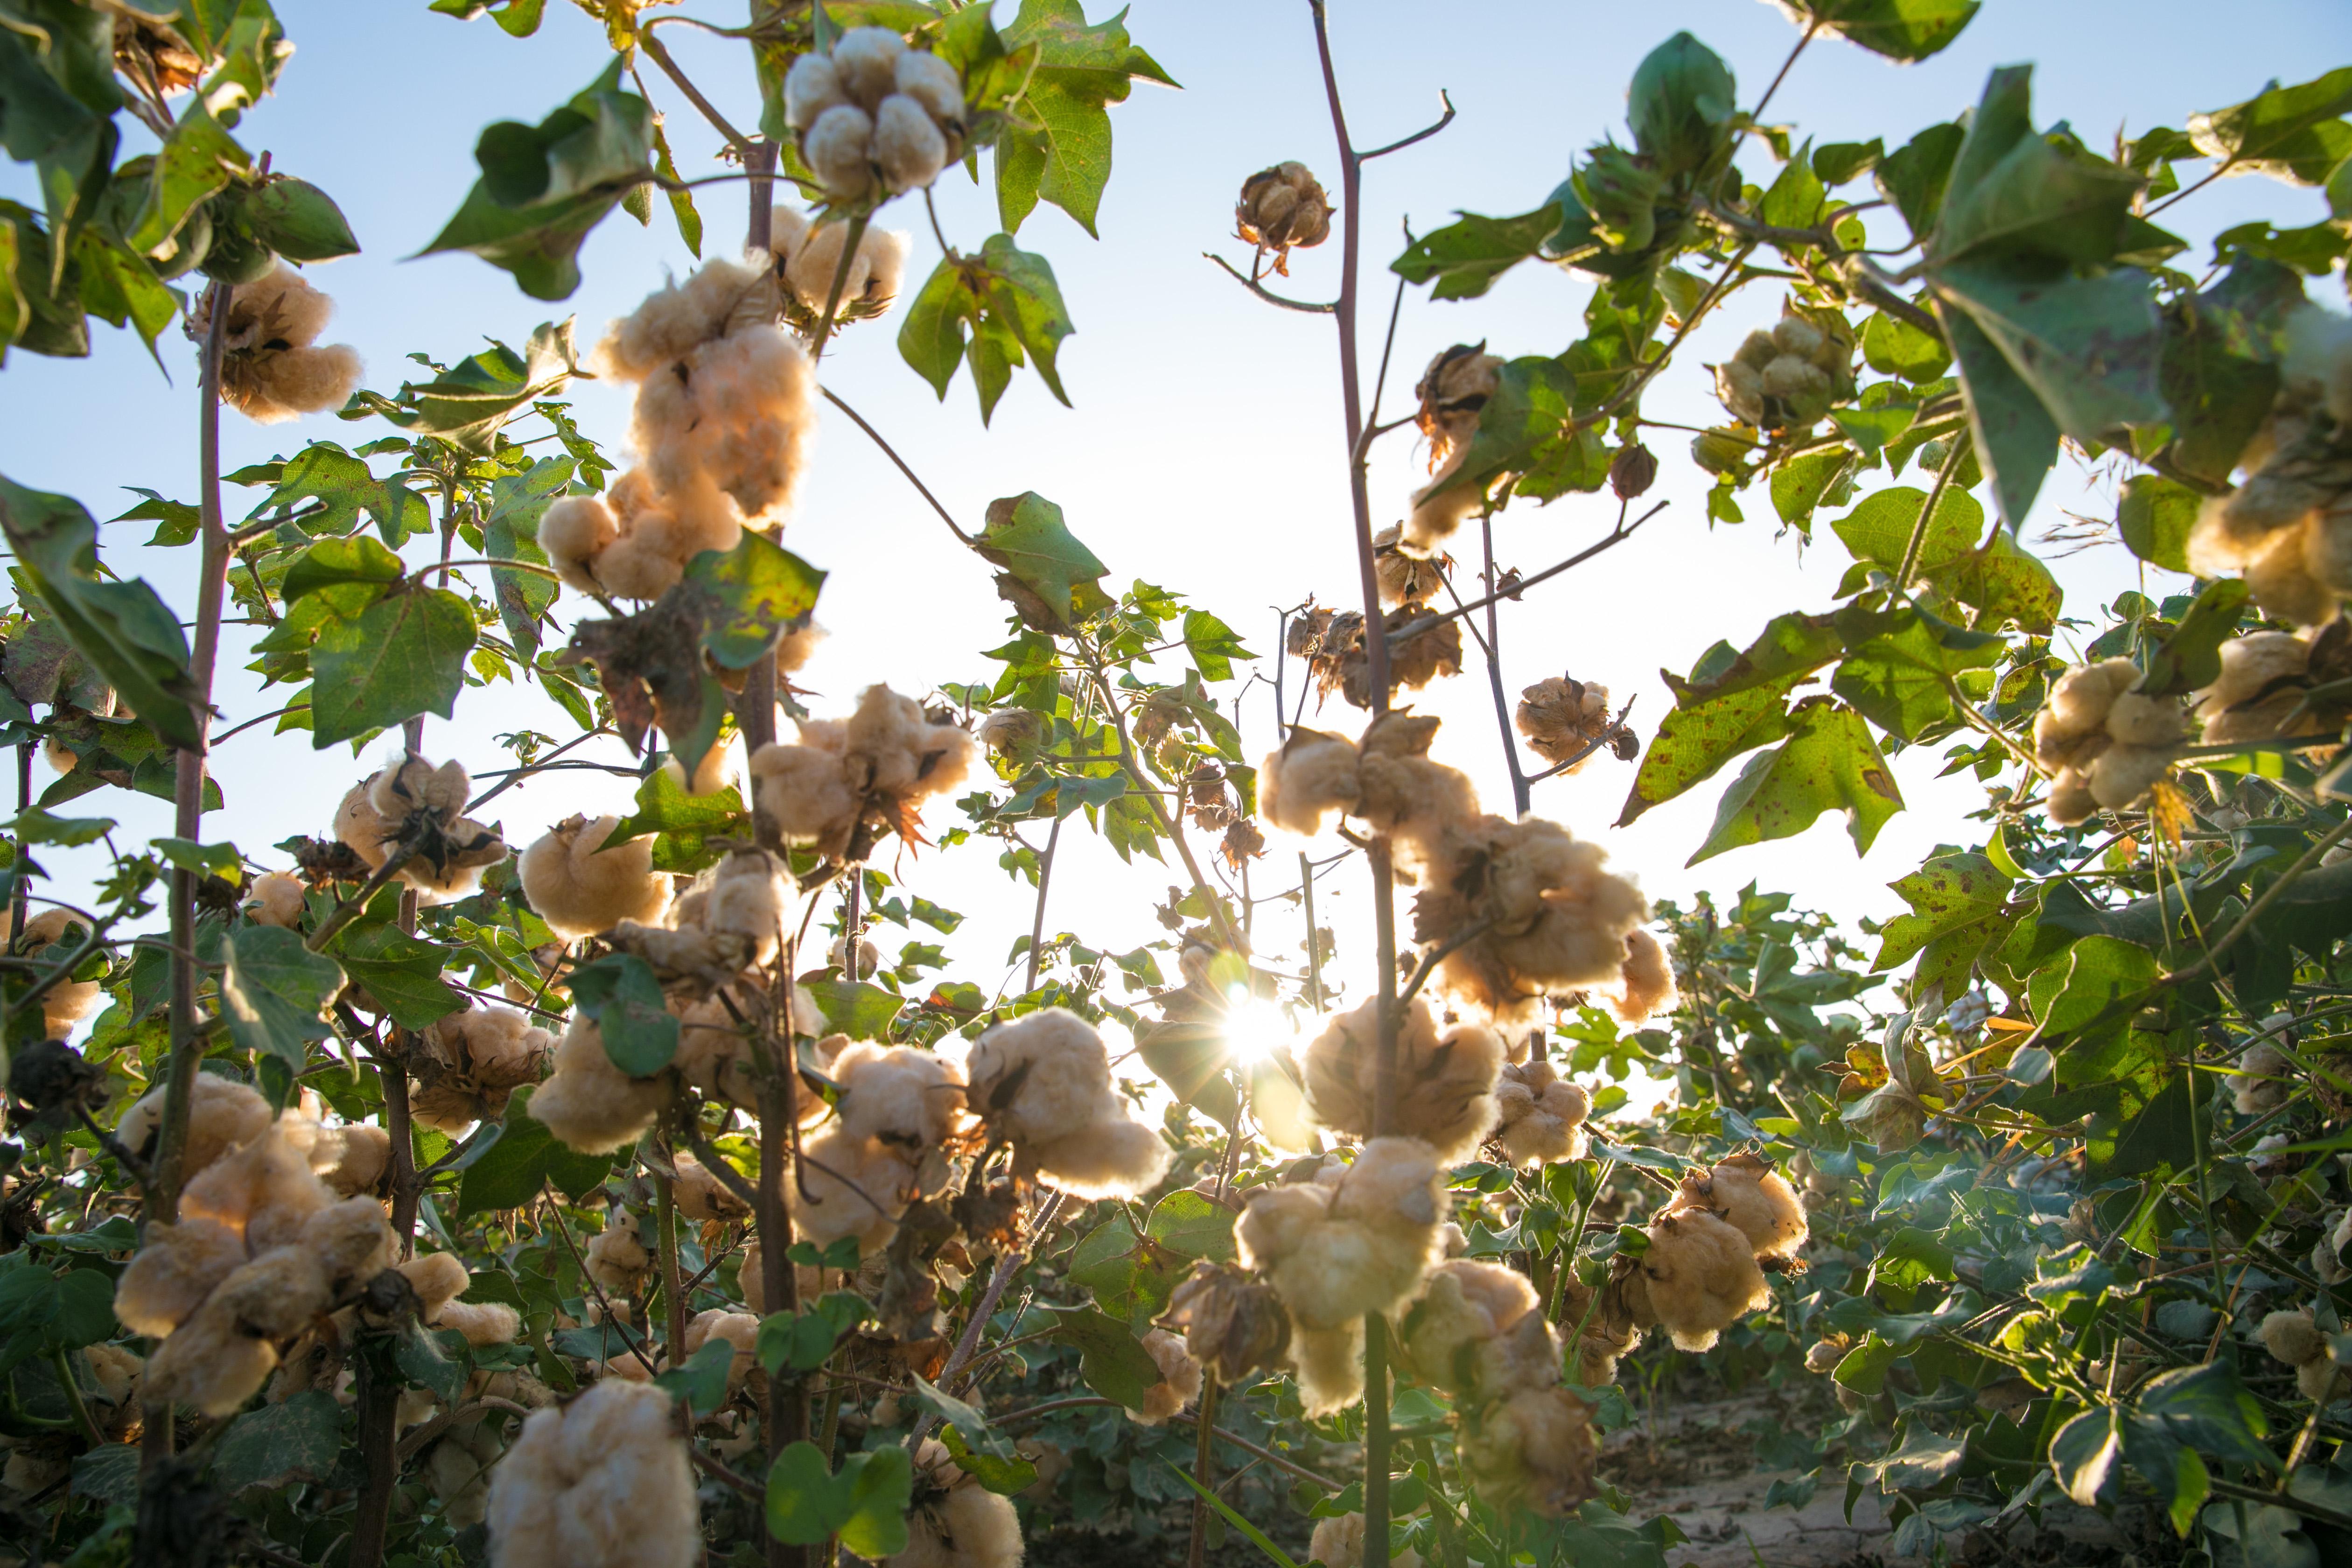 美棉出口不及预期六成,中美贸易摩擦是否足以启稳棉市?